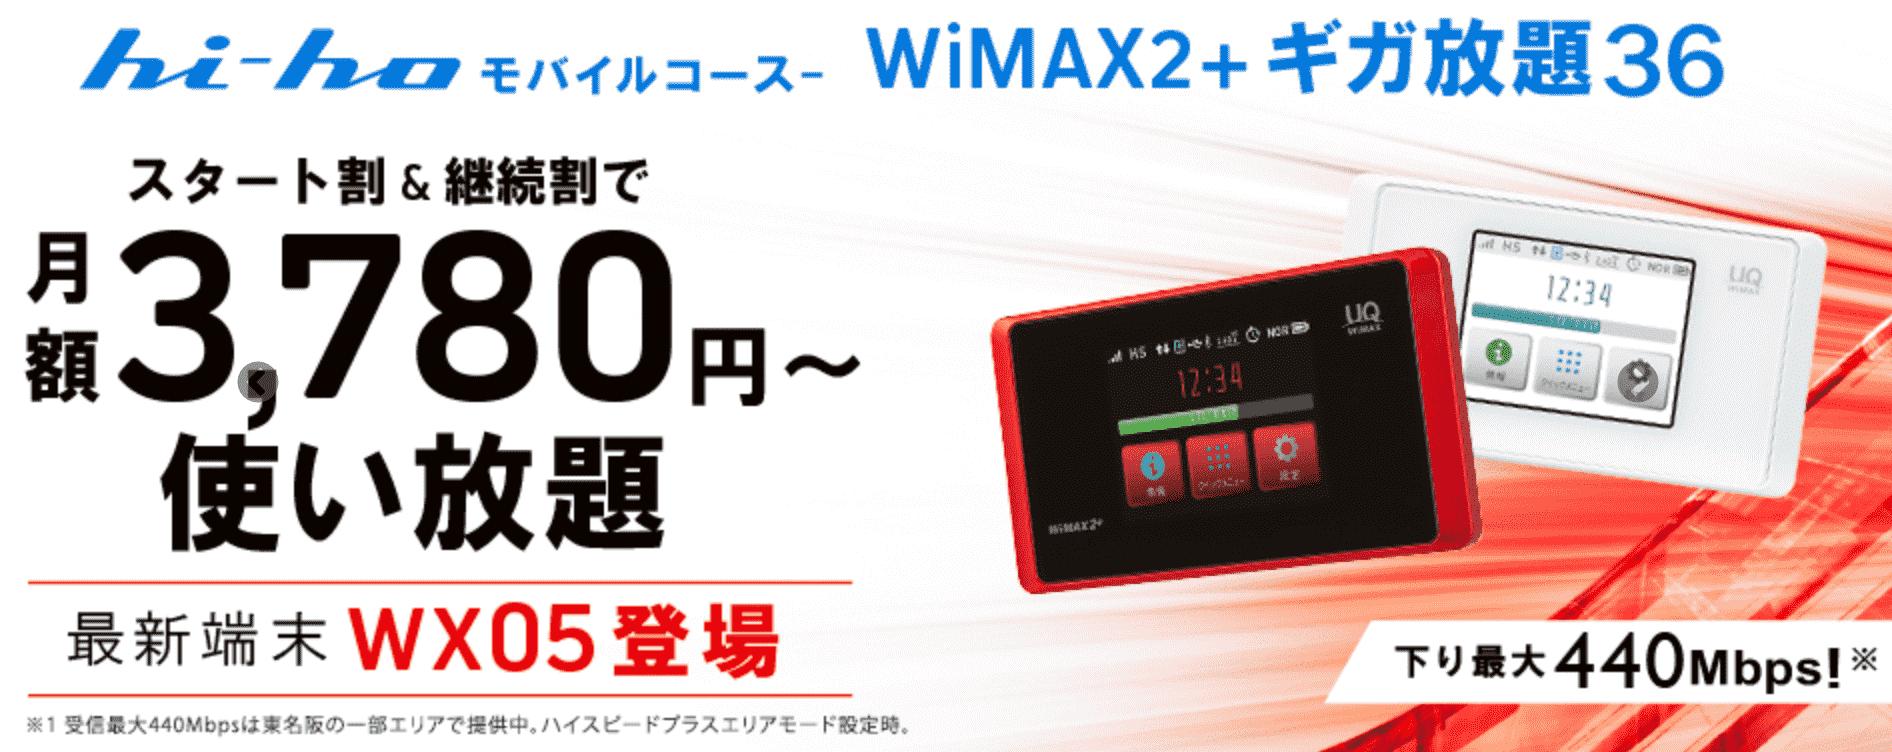 hi-ho WiMAXのスクリーンショット